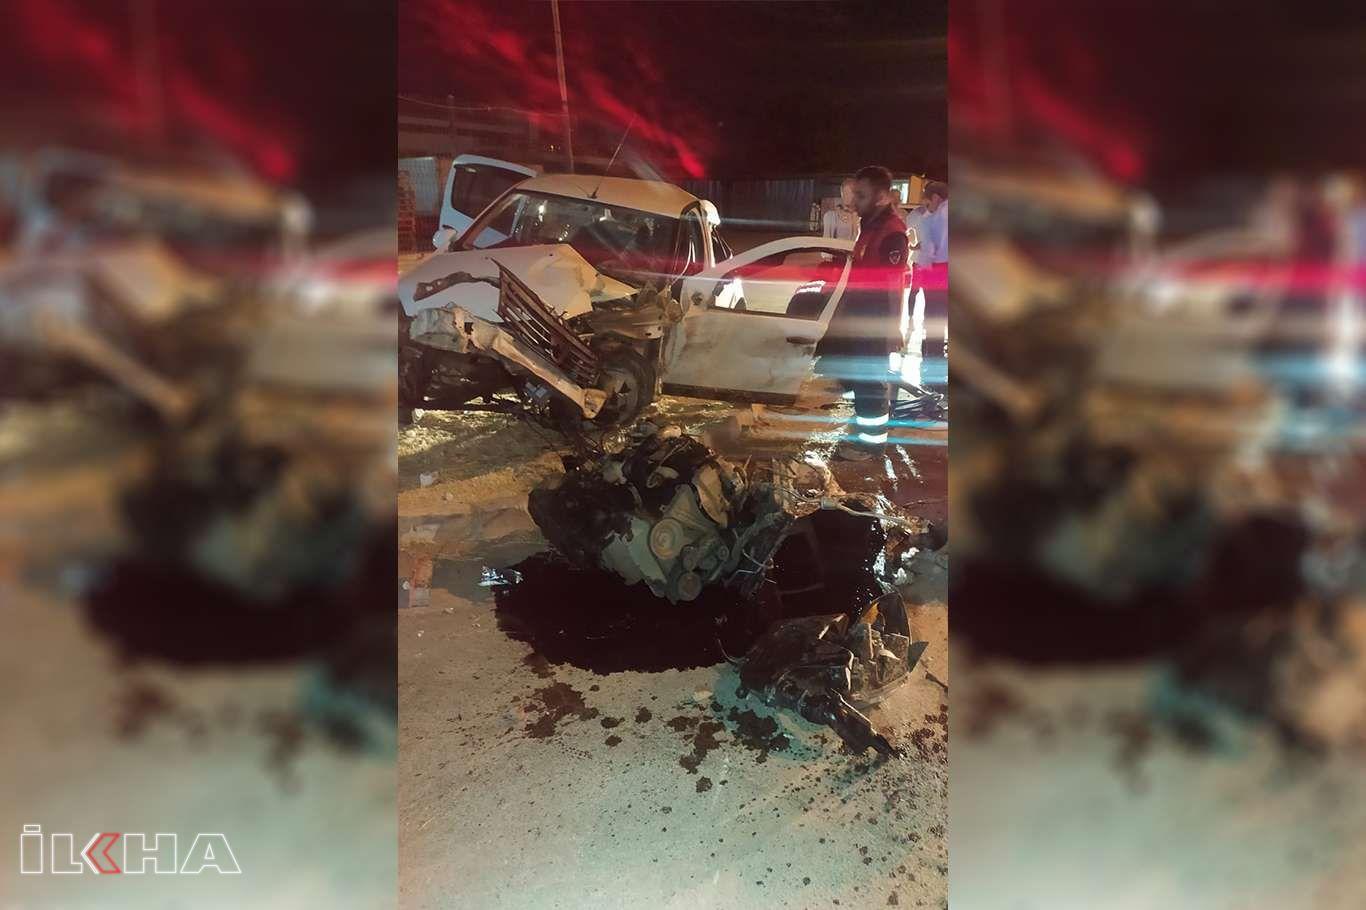 Direksiyon hakimiyetini kaybeden sürücü kaza yaptı: Bir yaralı